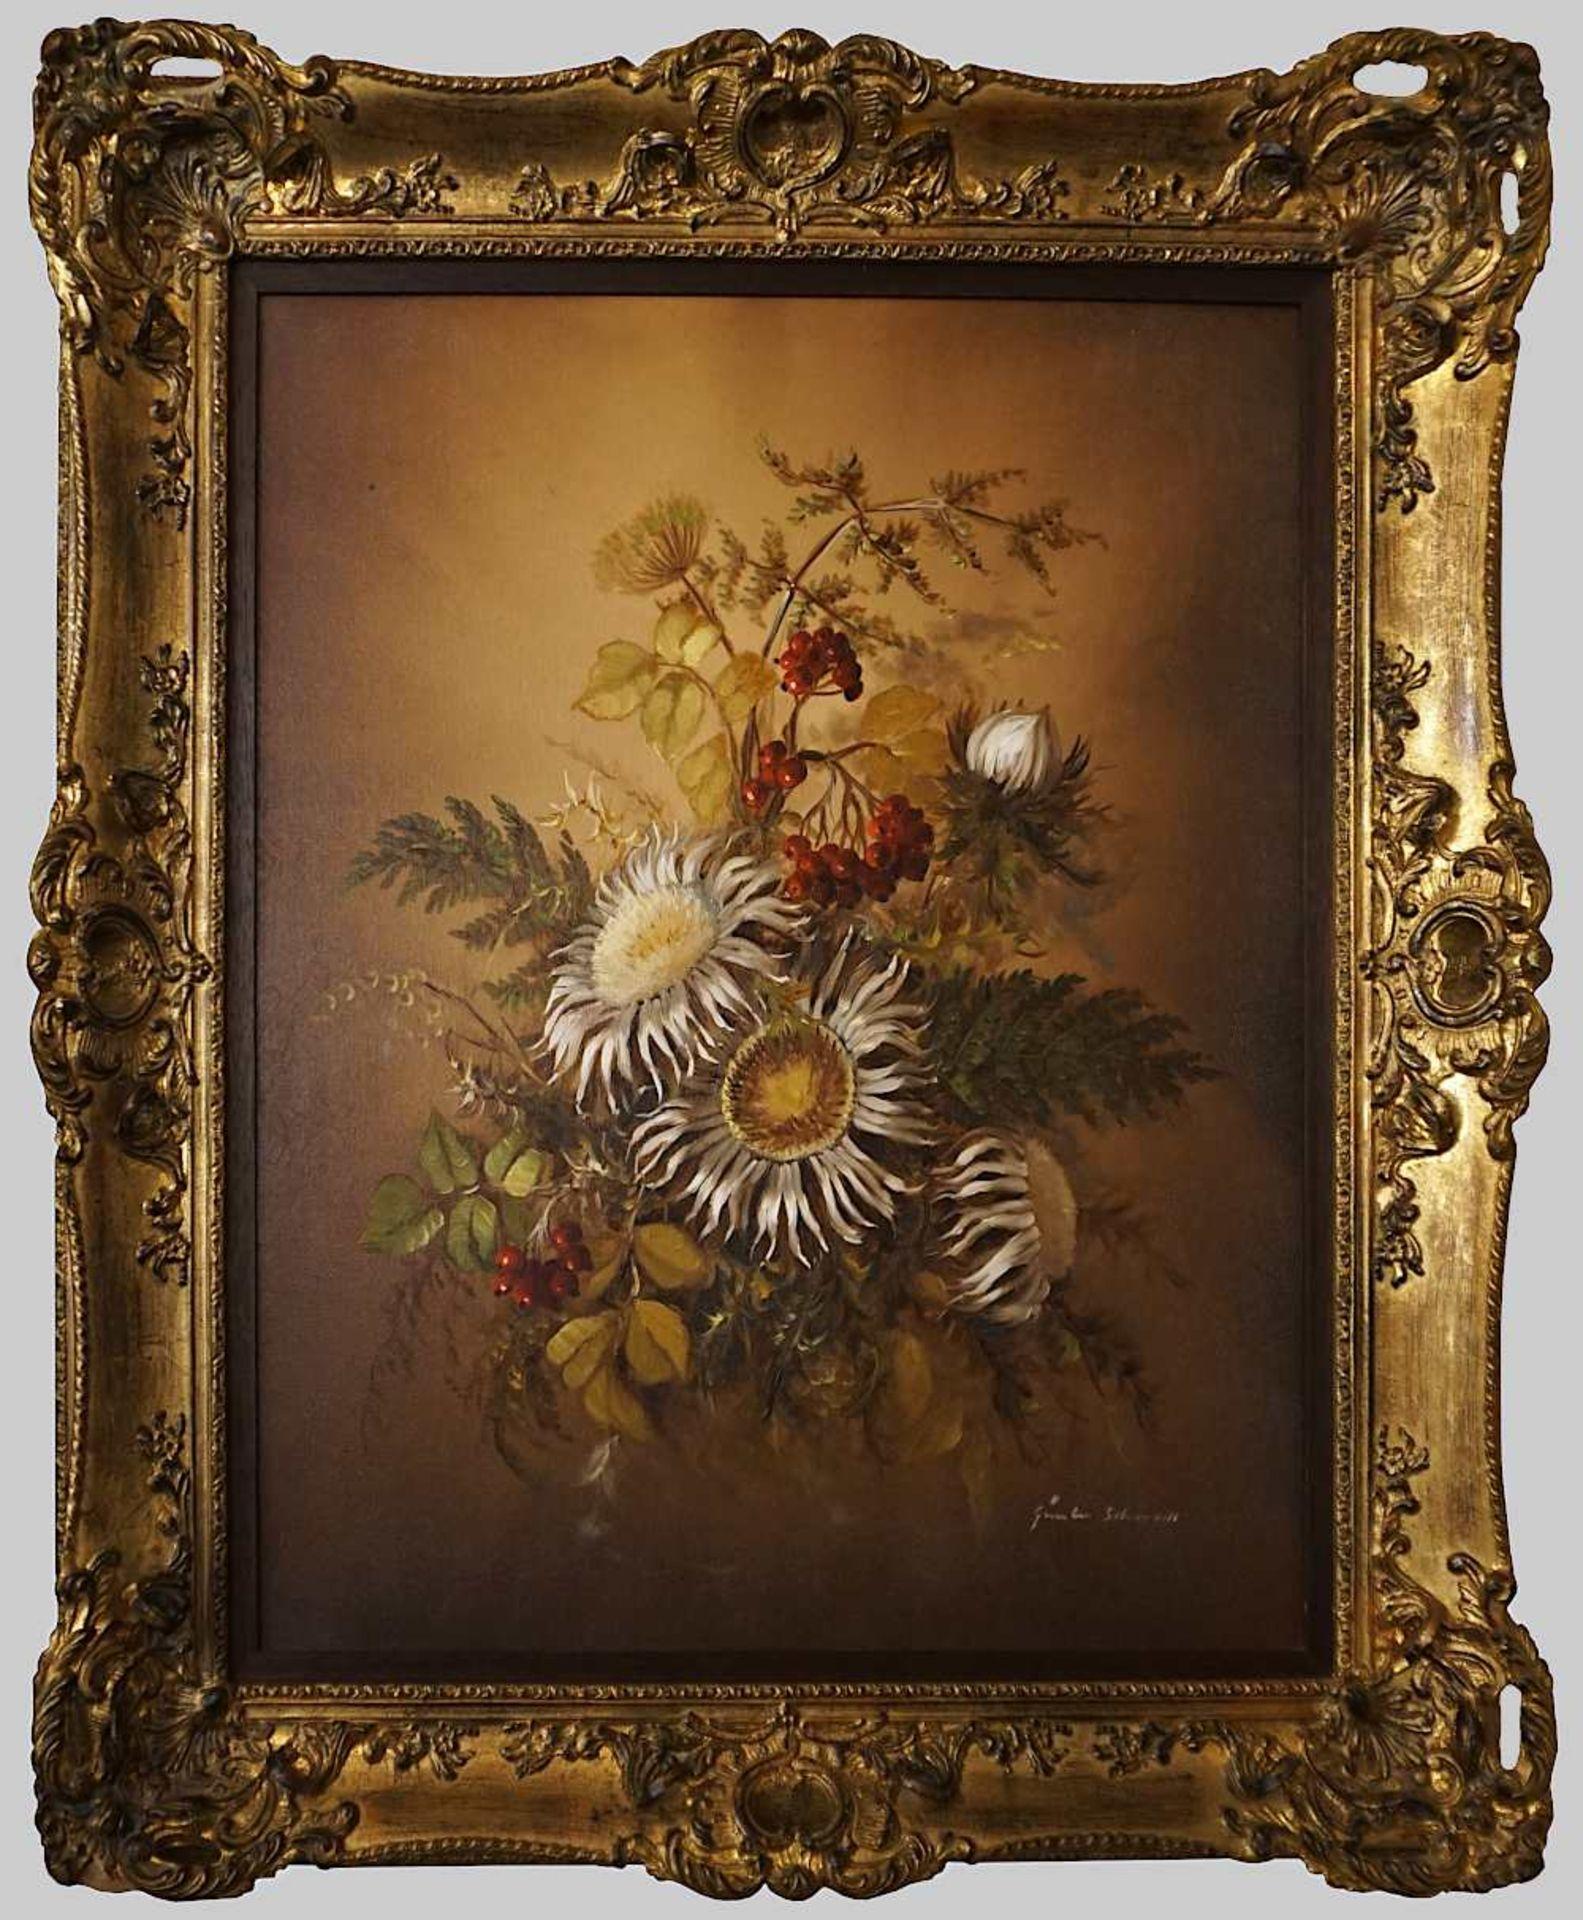 """3 Ölgemälde des 20. Jh., z.T. sign. O. MAY: """"Blumenstillleben"""", """"Herbstblumen mit Si - Bild 3 aus 3"""